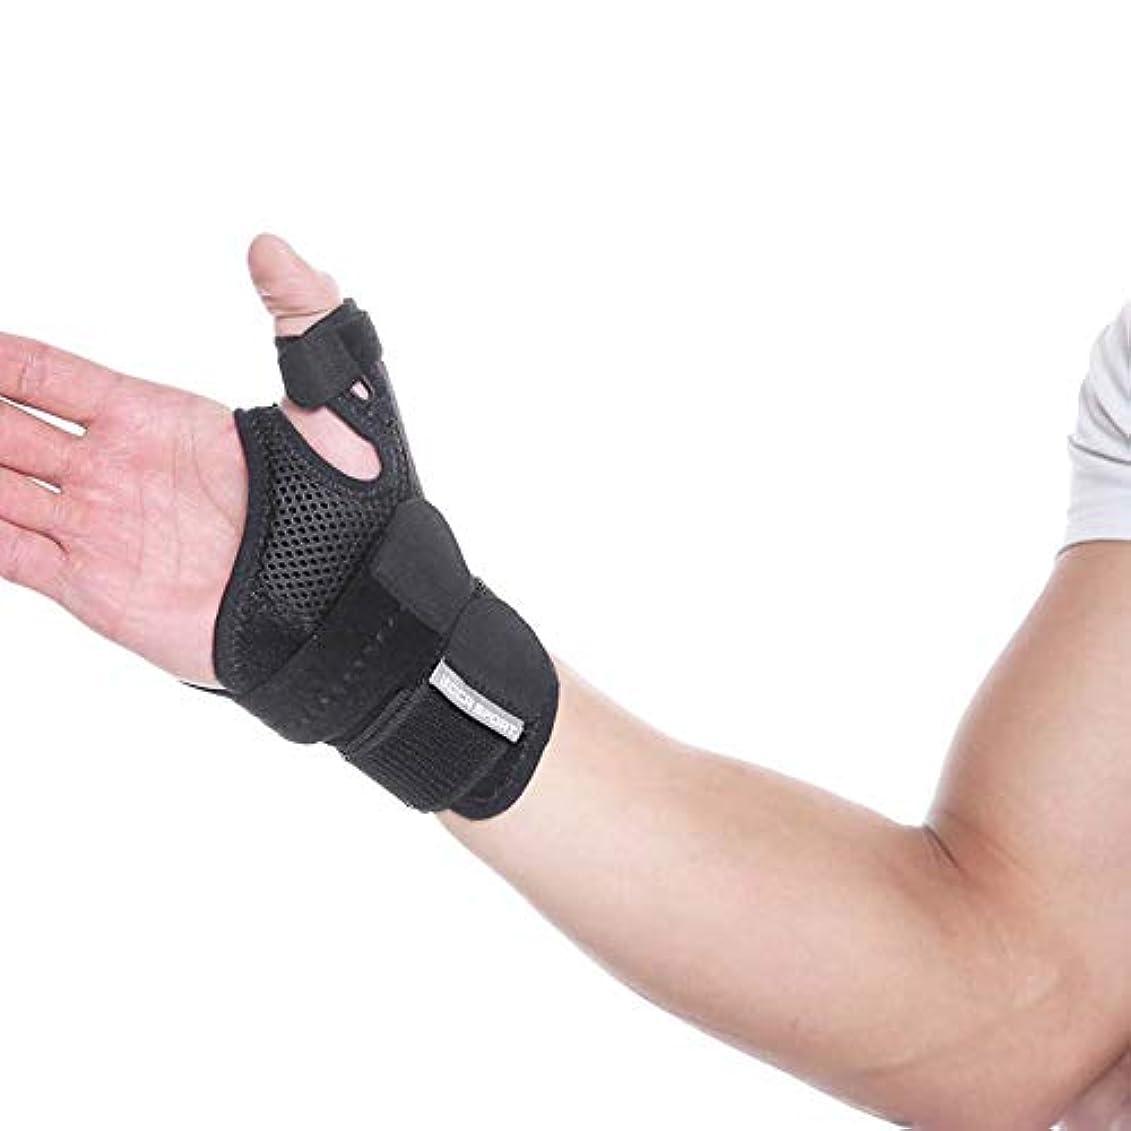 報酬作り優れた関節炎サムスプリント - 痛み、捻挫、株、関節炎、手根管&トリガー親指固定用親指スピカサポートブレース - リストストラップ